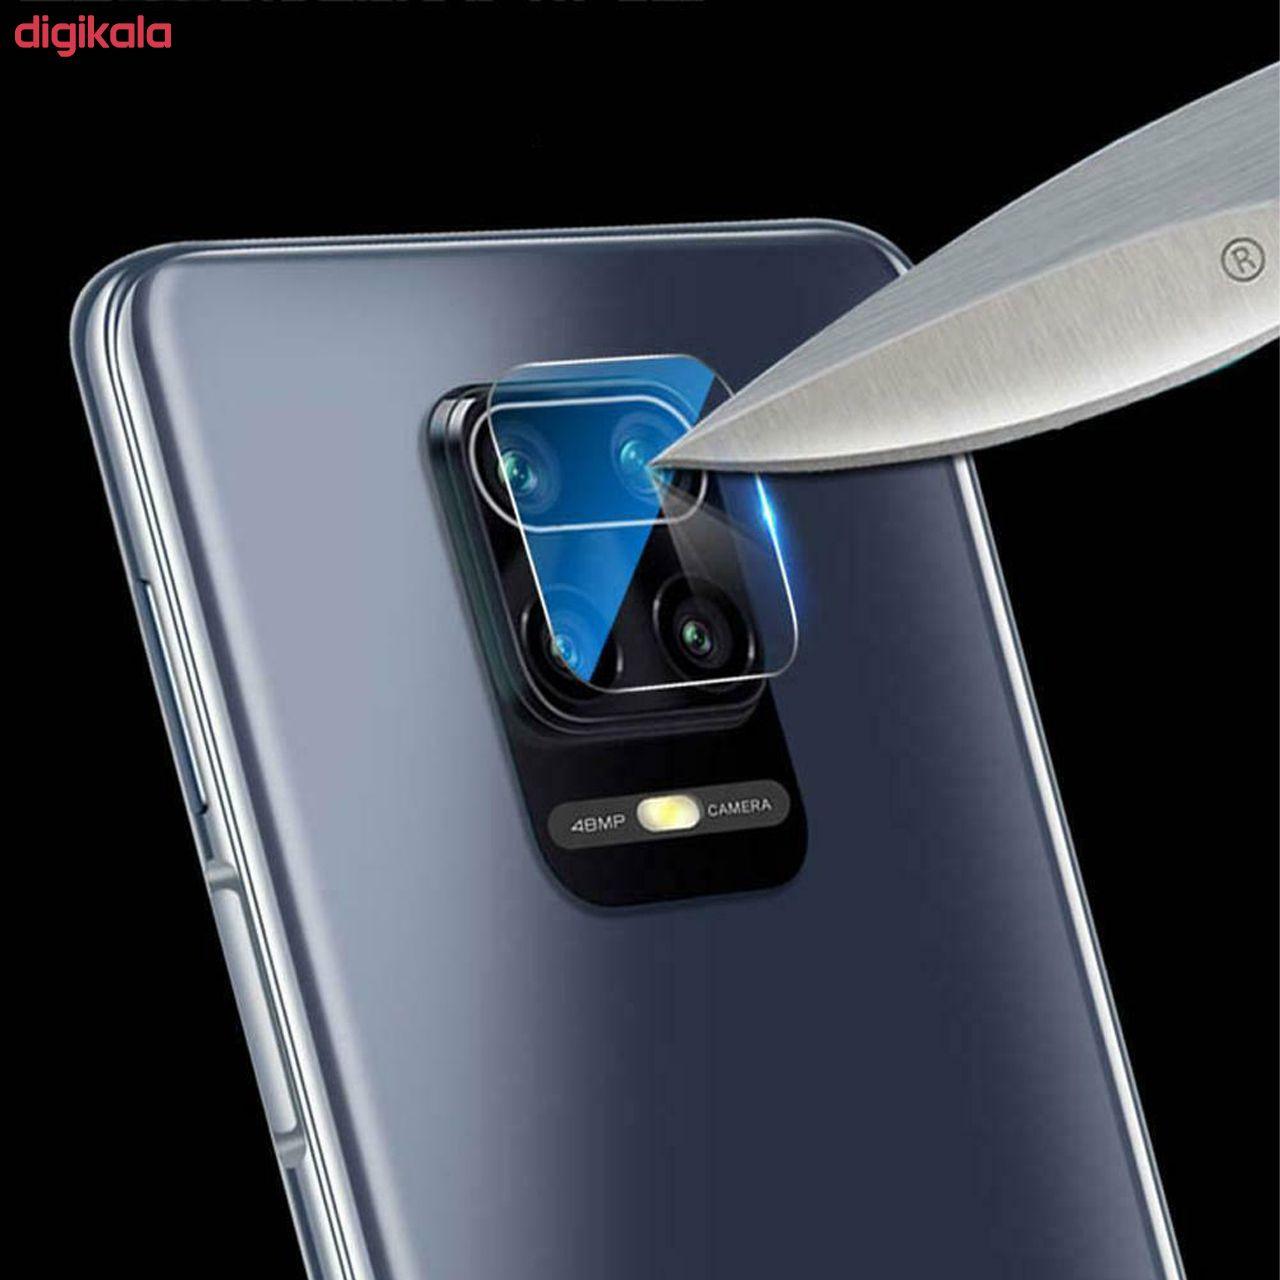 محافظ لنز دوربین سیحان مدل GLP مناسب برای گوشی موبایل شیائومی Redmi Note 9s main 1 3